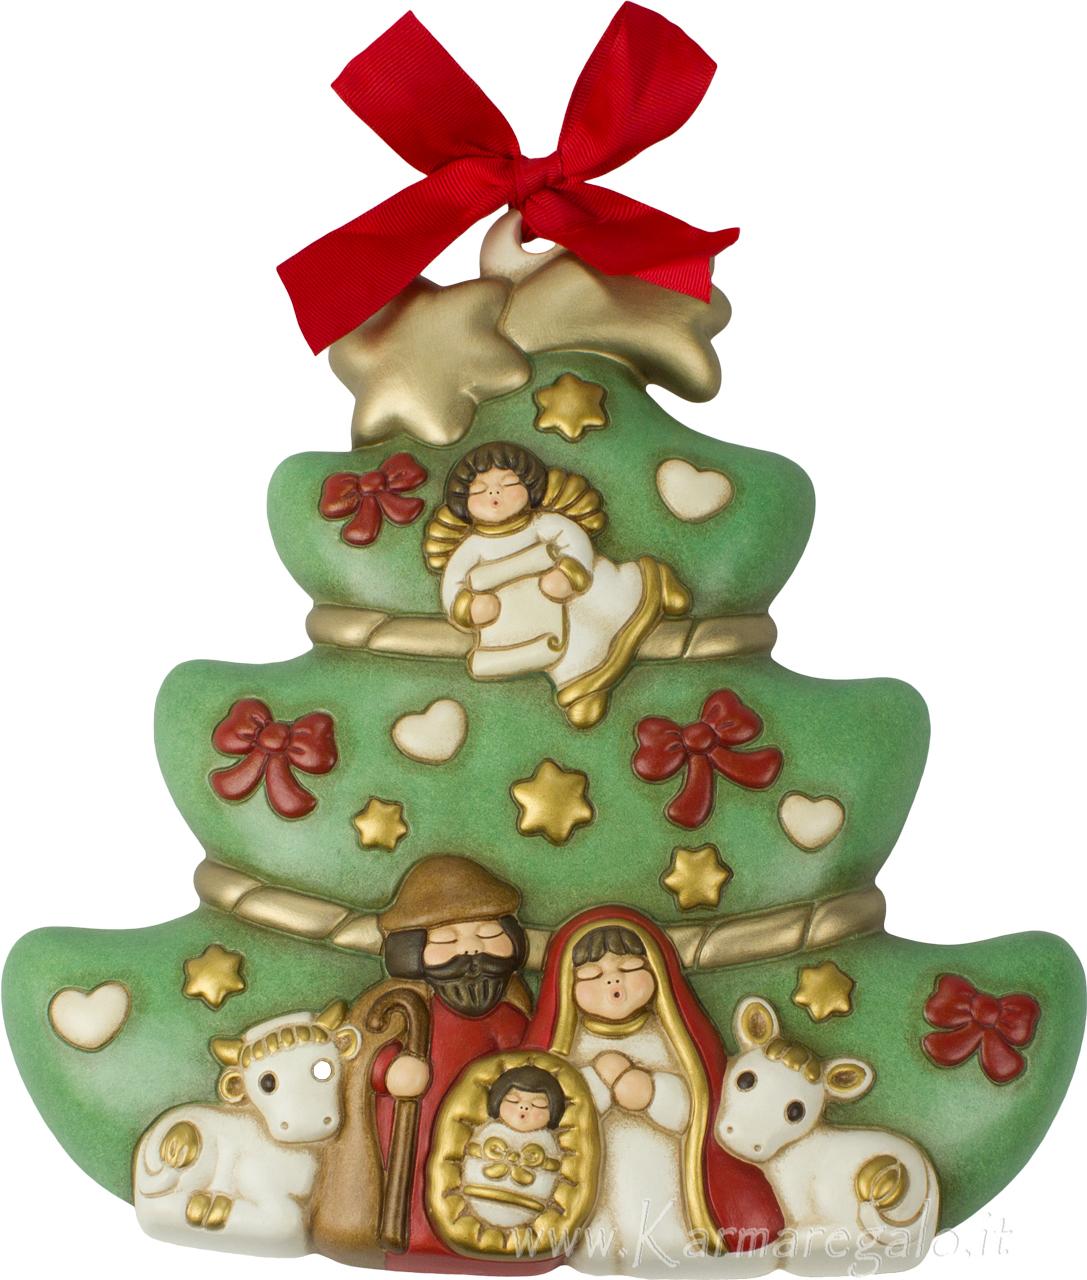 Immagini Di Natale Con Sacra Famiglia.Formella Albero Con Sacra Famiglia